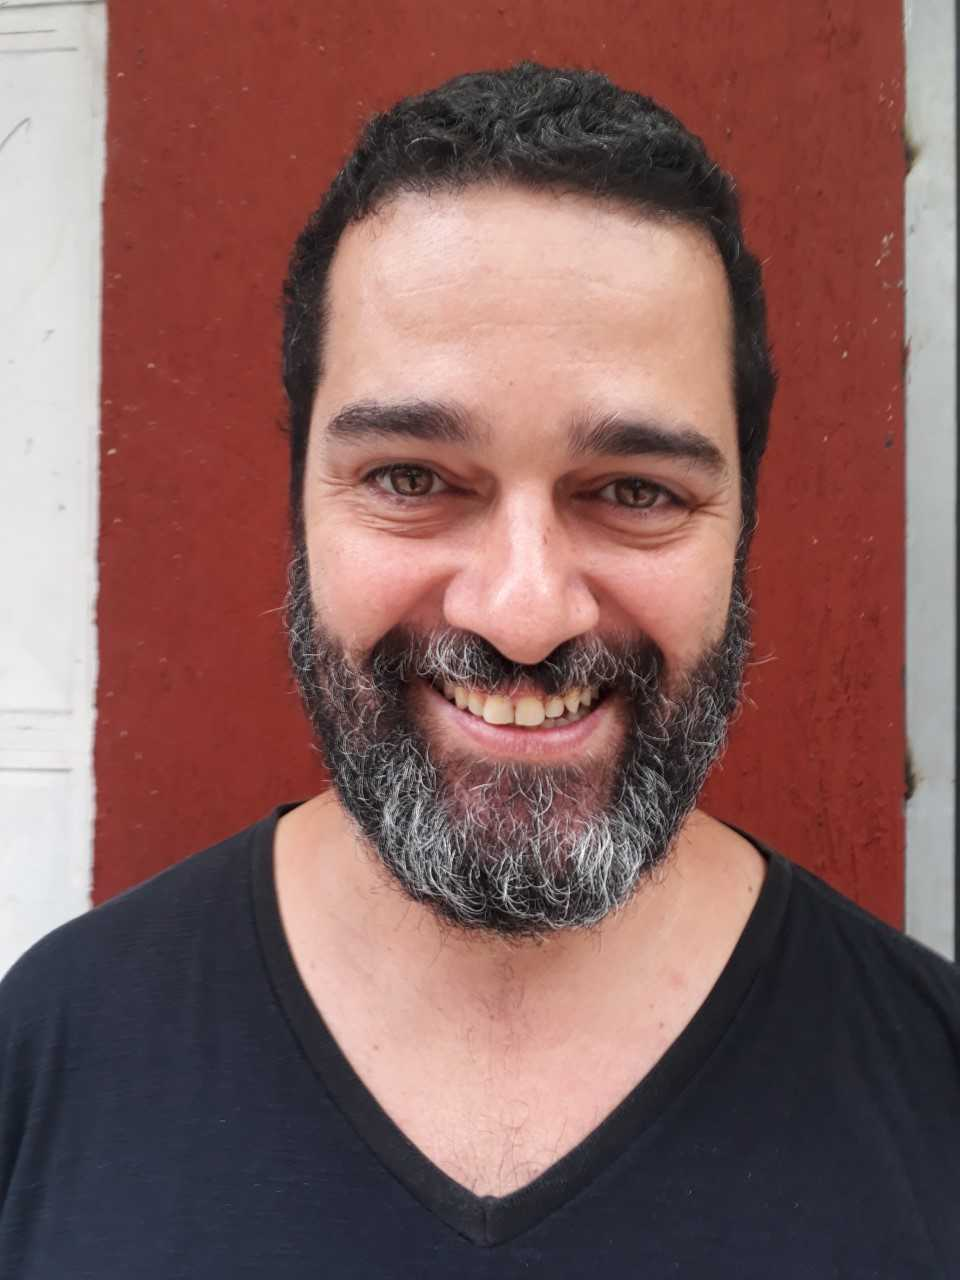 Alexander de Moraes